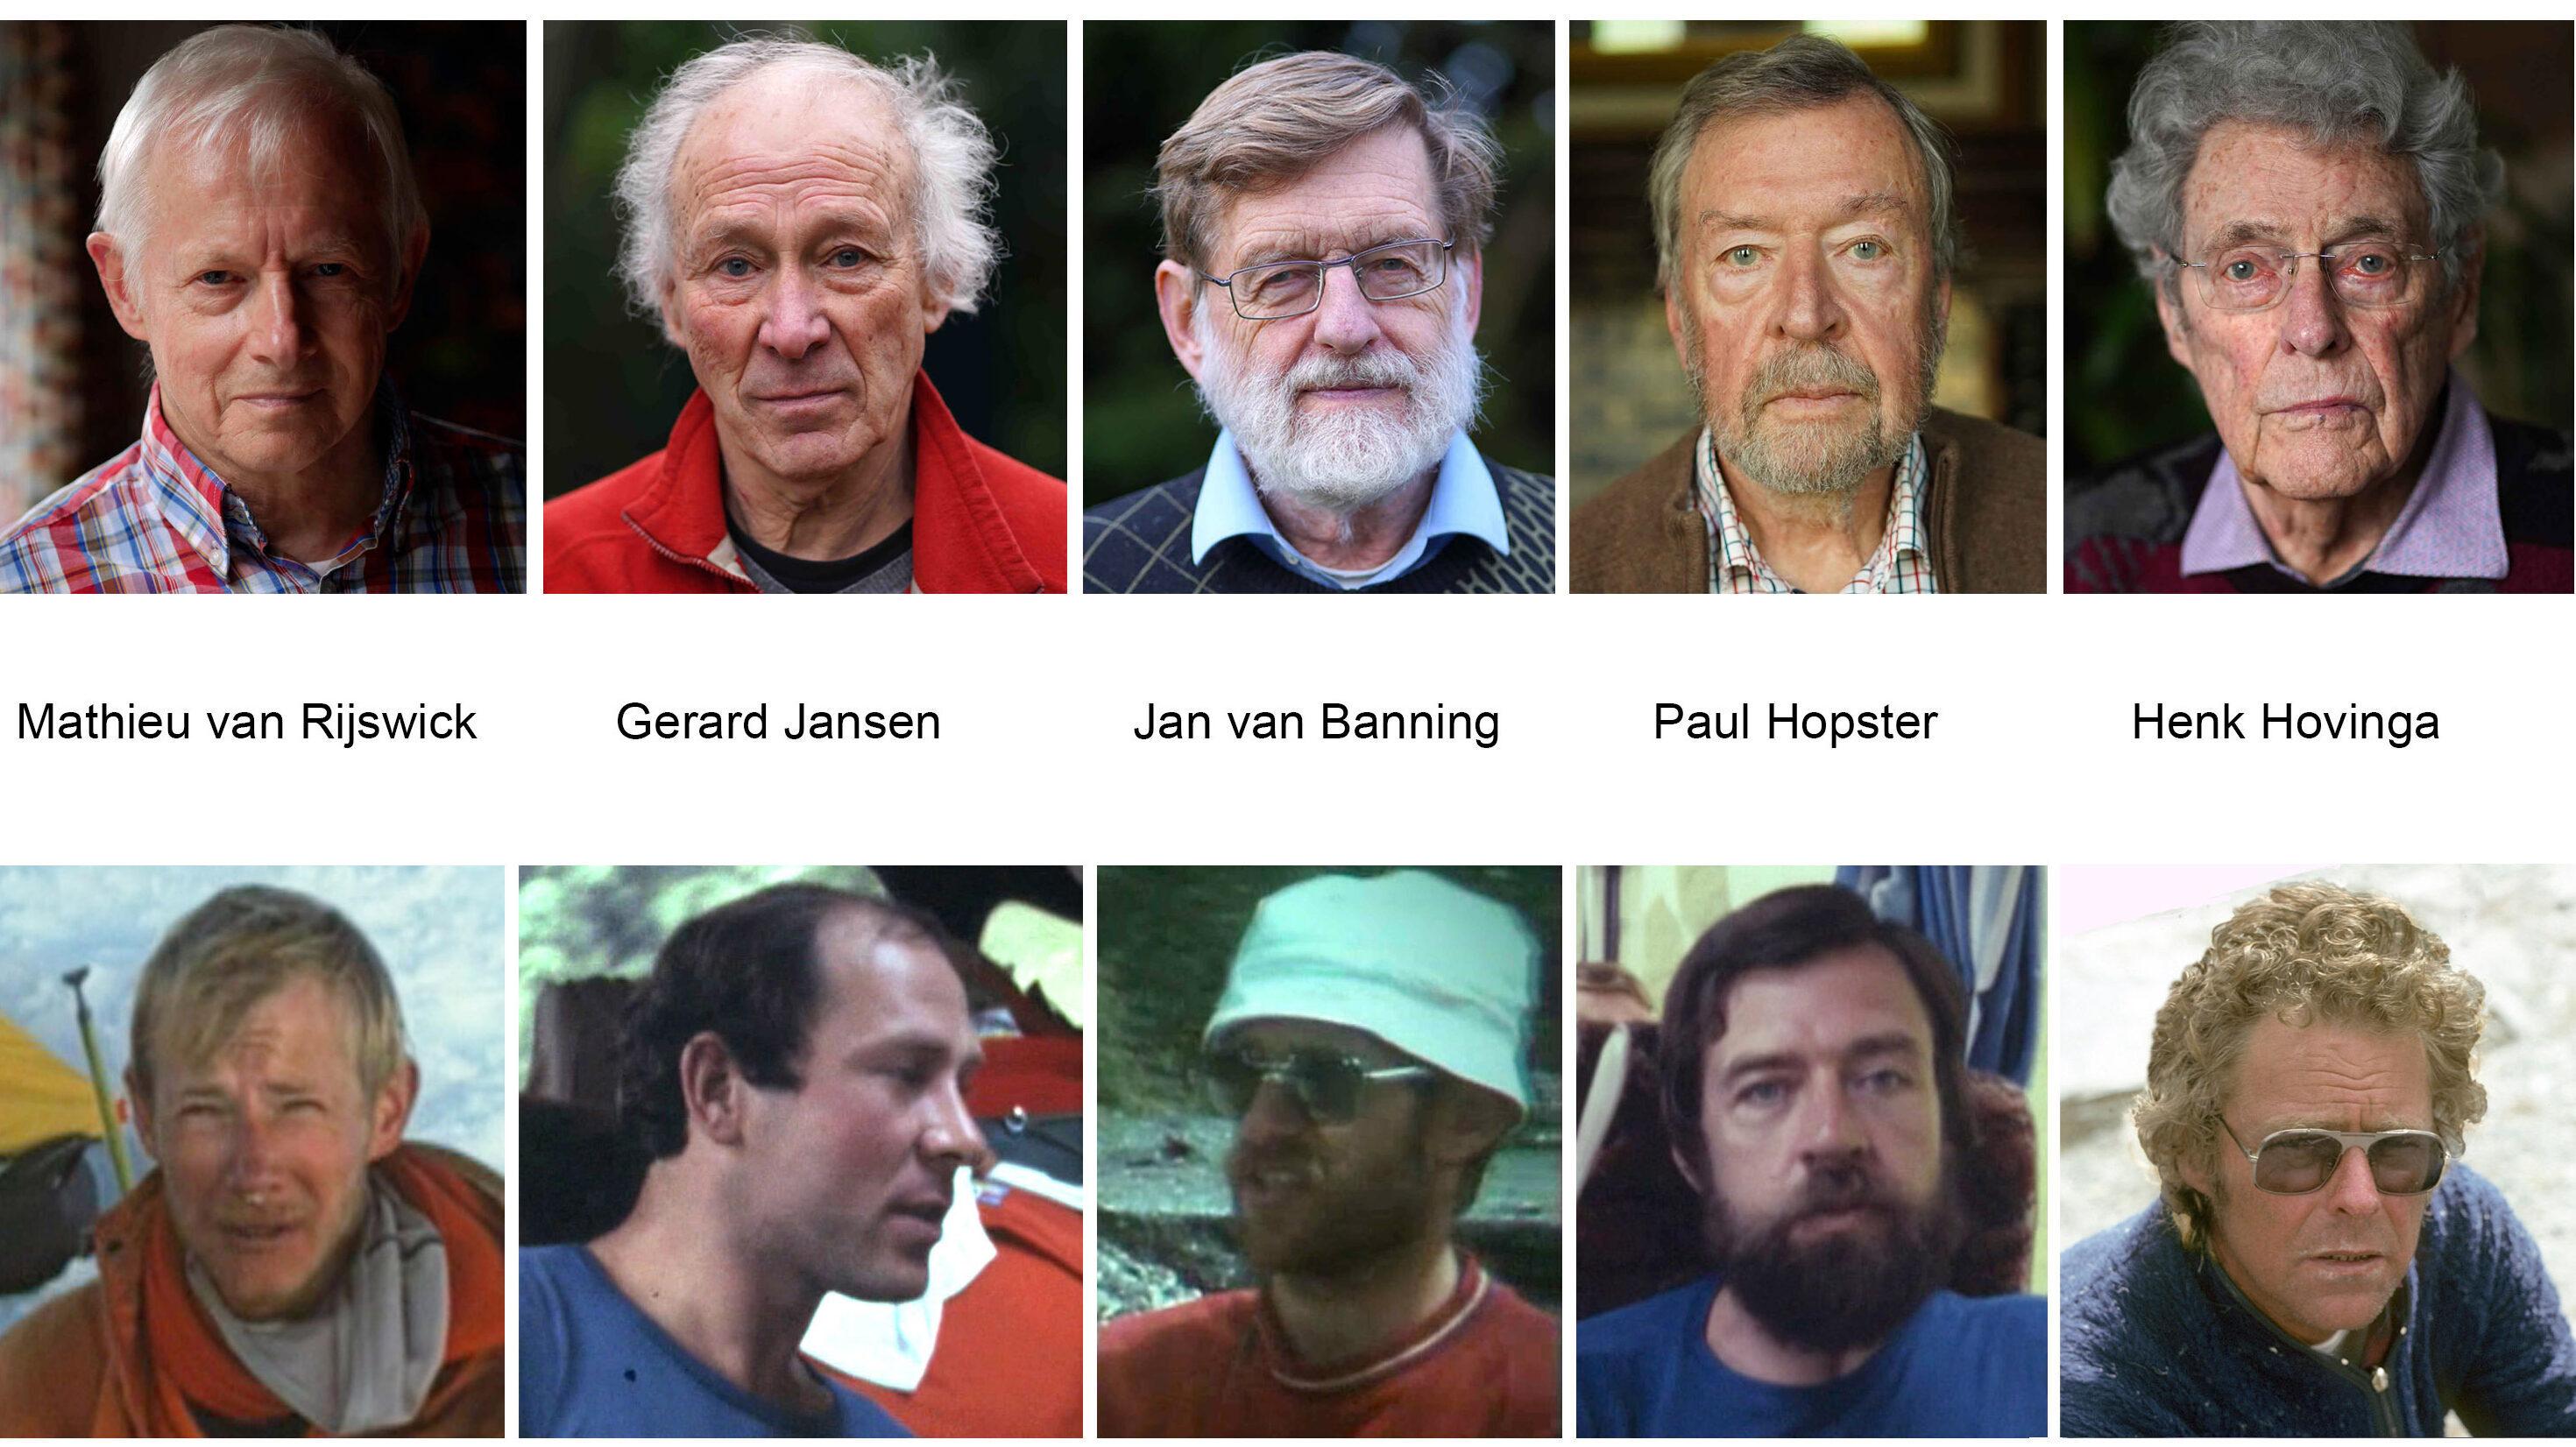 Collage klimmers toen en nu graag vermelding fotos 2020 David de Jongh fotos 1977 Henk Hovinga